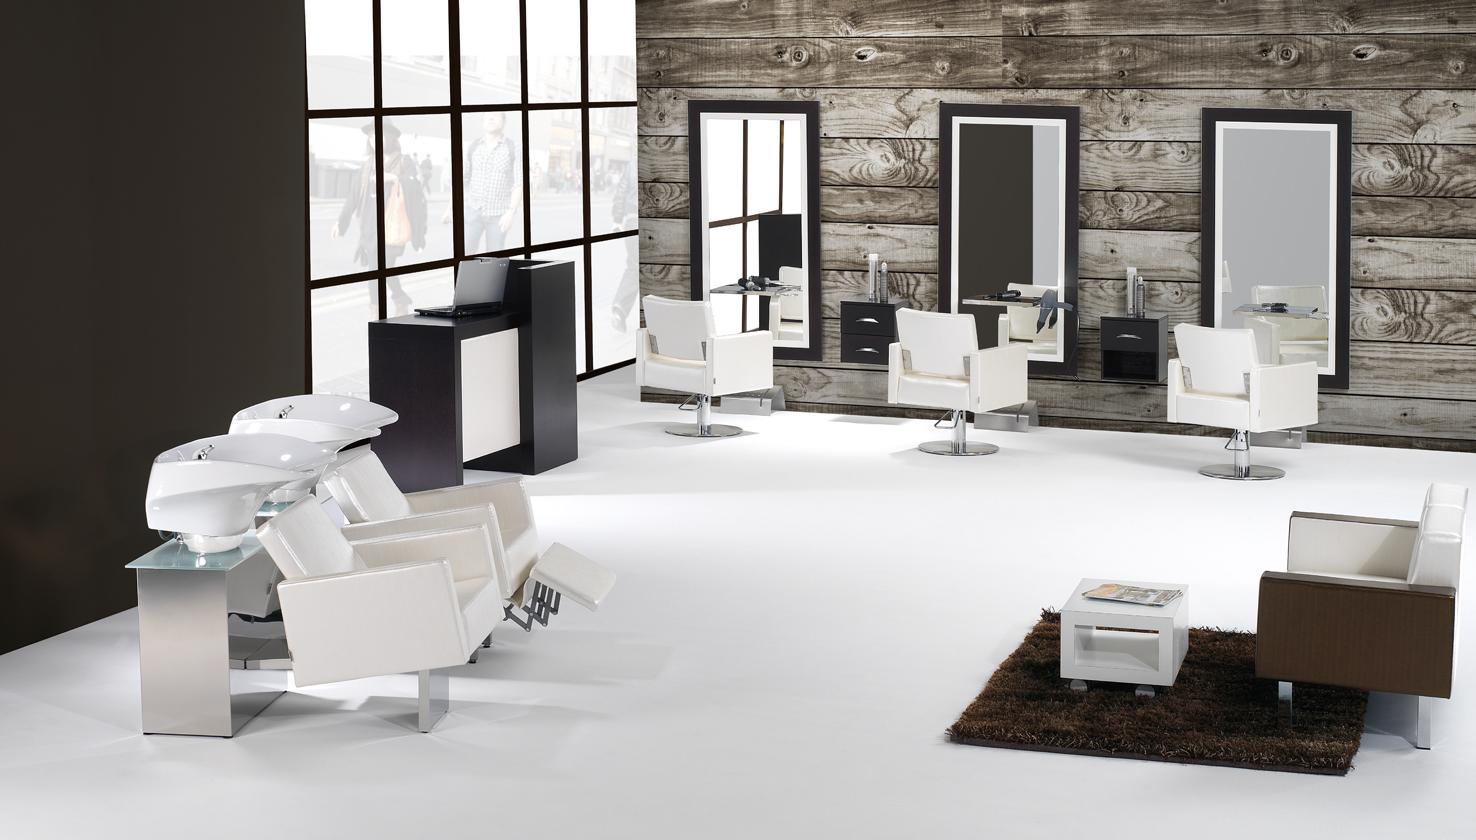 New Meuble Caisse Salon De Coiffure Occasion